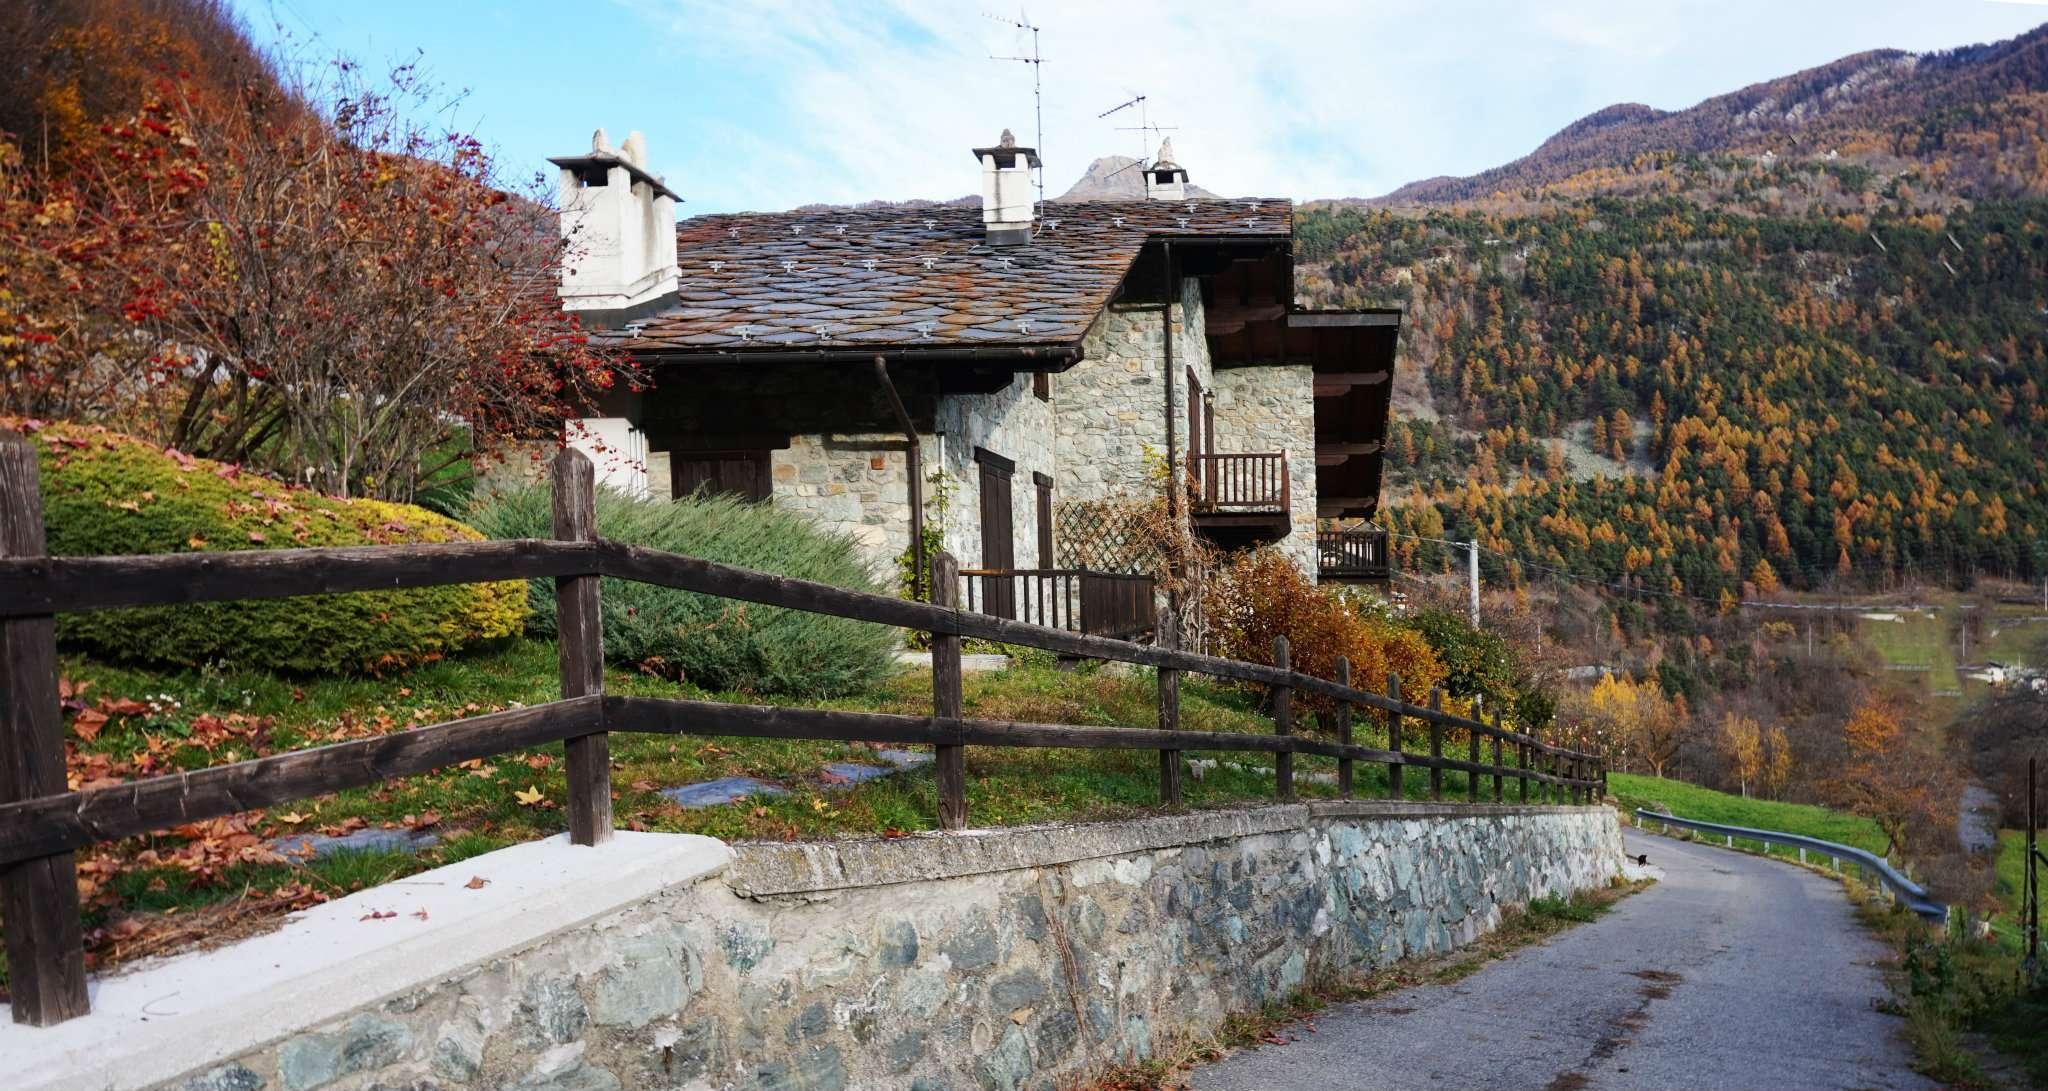 Appartamento in vendita a Antey-Saint-Andrè, 3 locali, prezzo € 170.000 | Cambio Casa.it